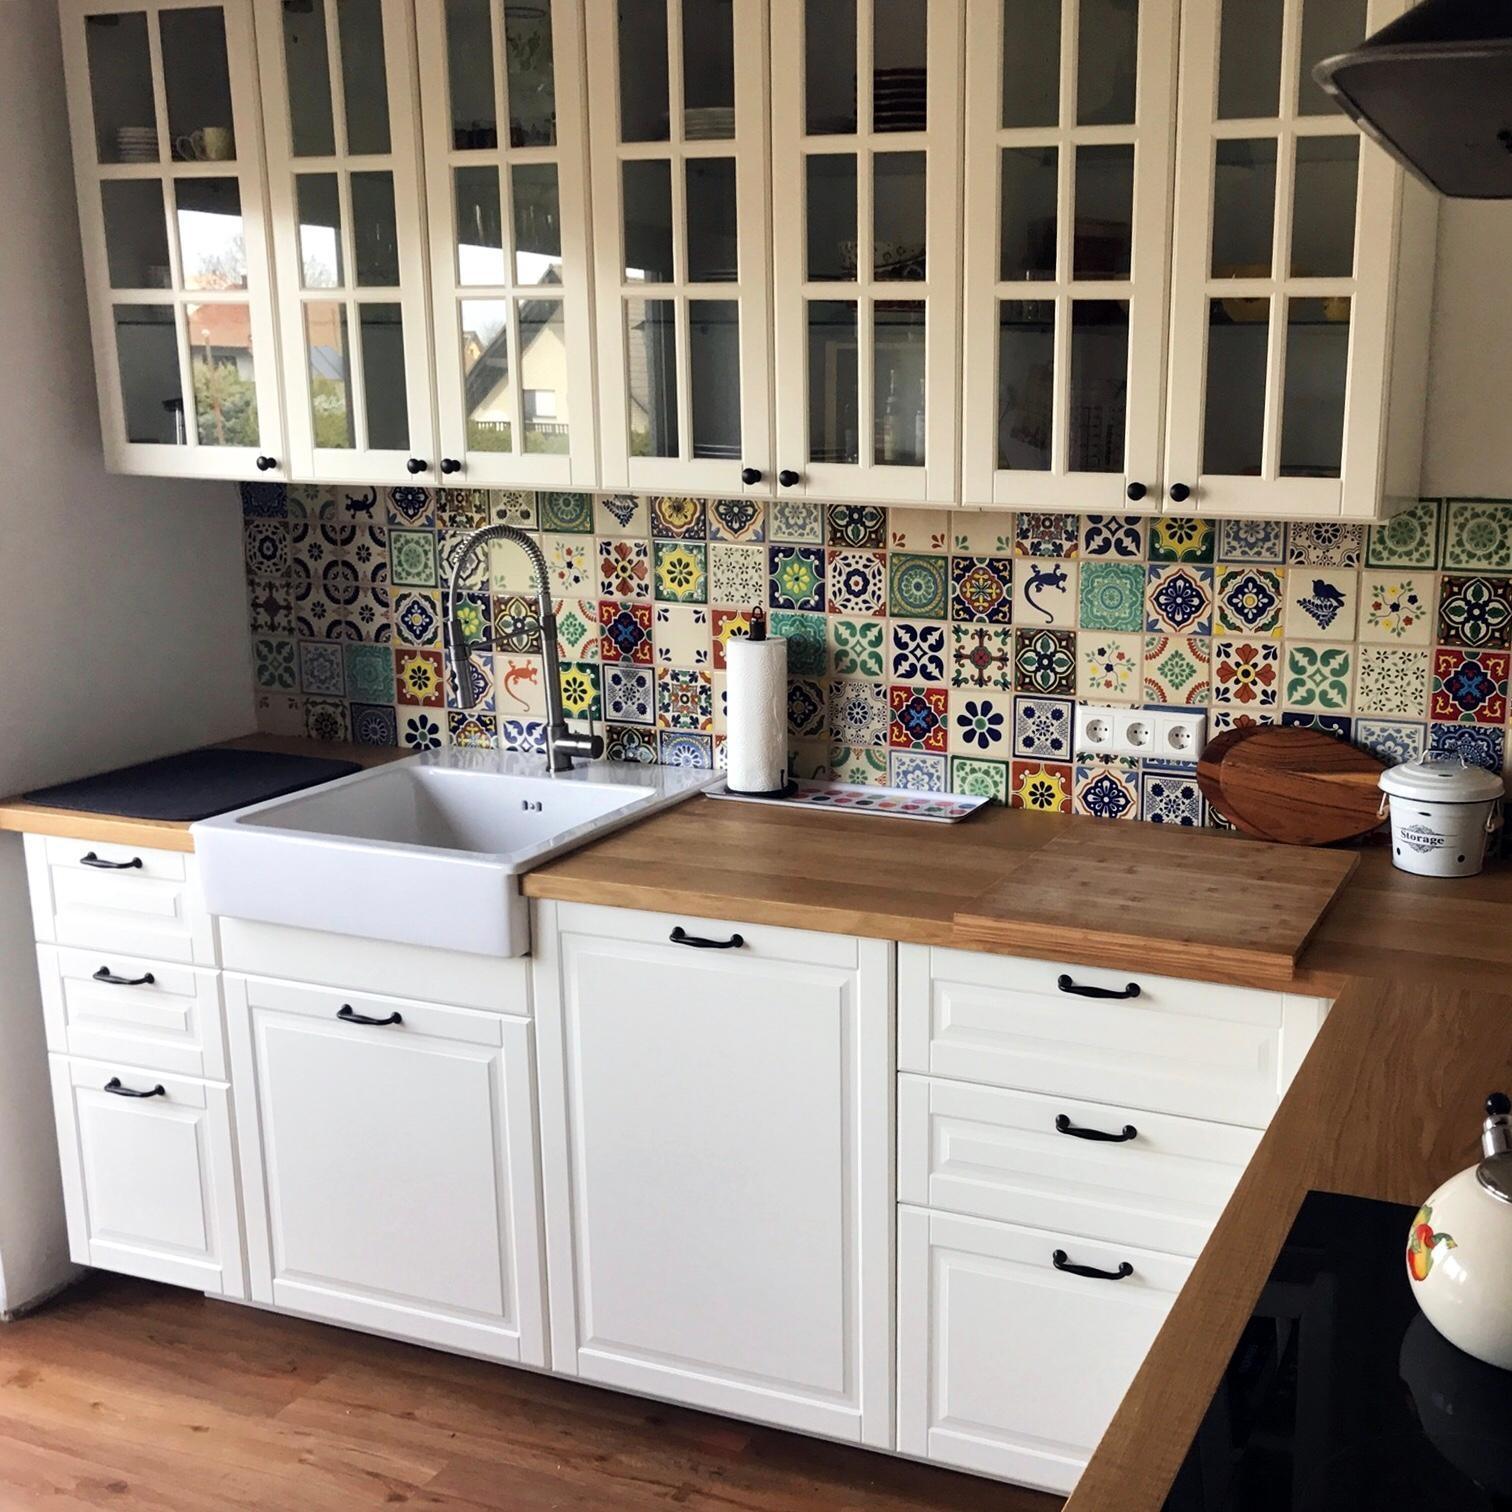 Full Size of Küche Fliesenspiegel Streichen Küche Fliesenspiegel Verschönern Küche Fliesenspiegel Verkleiden Küche Fliesenspiegel Neu Gestalten Küche Küche Fliesenspiegel